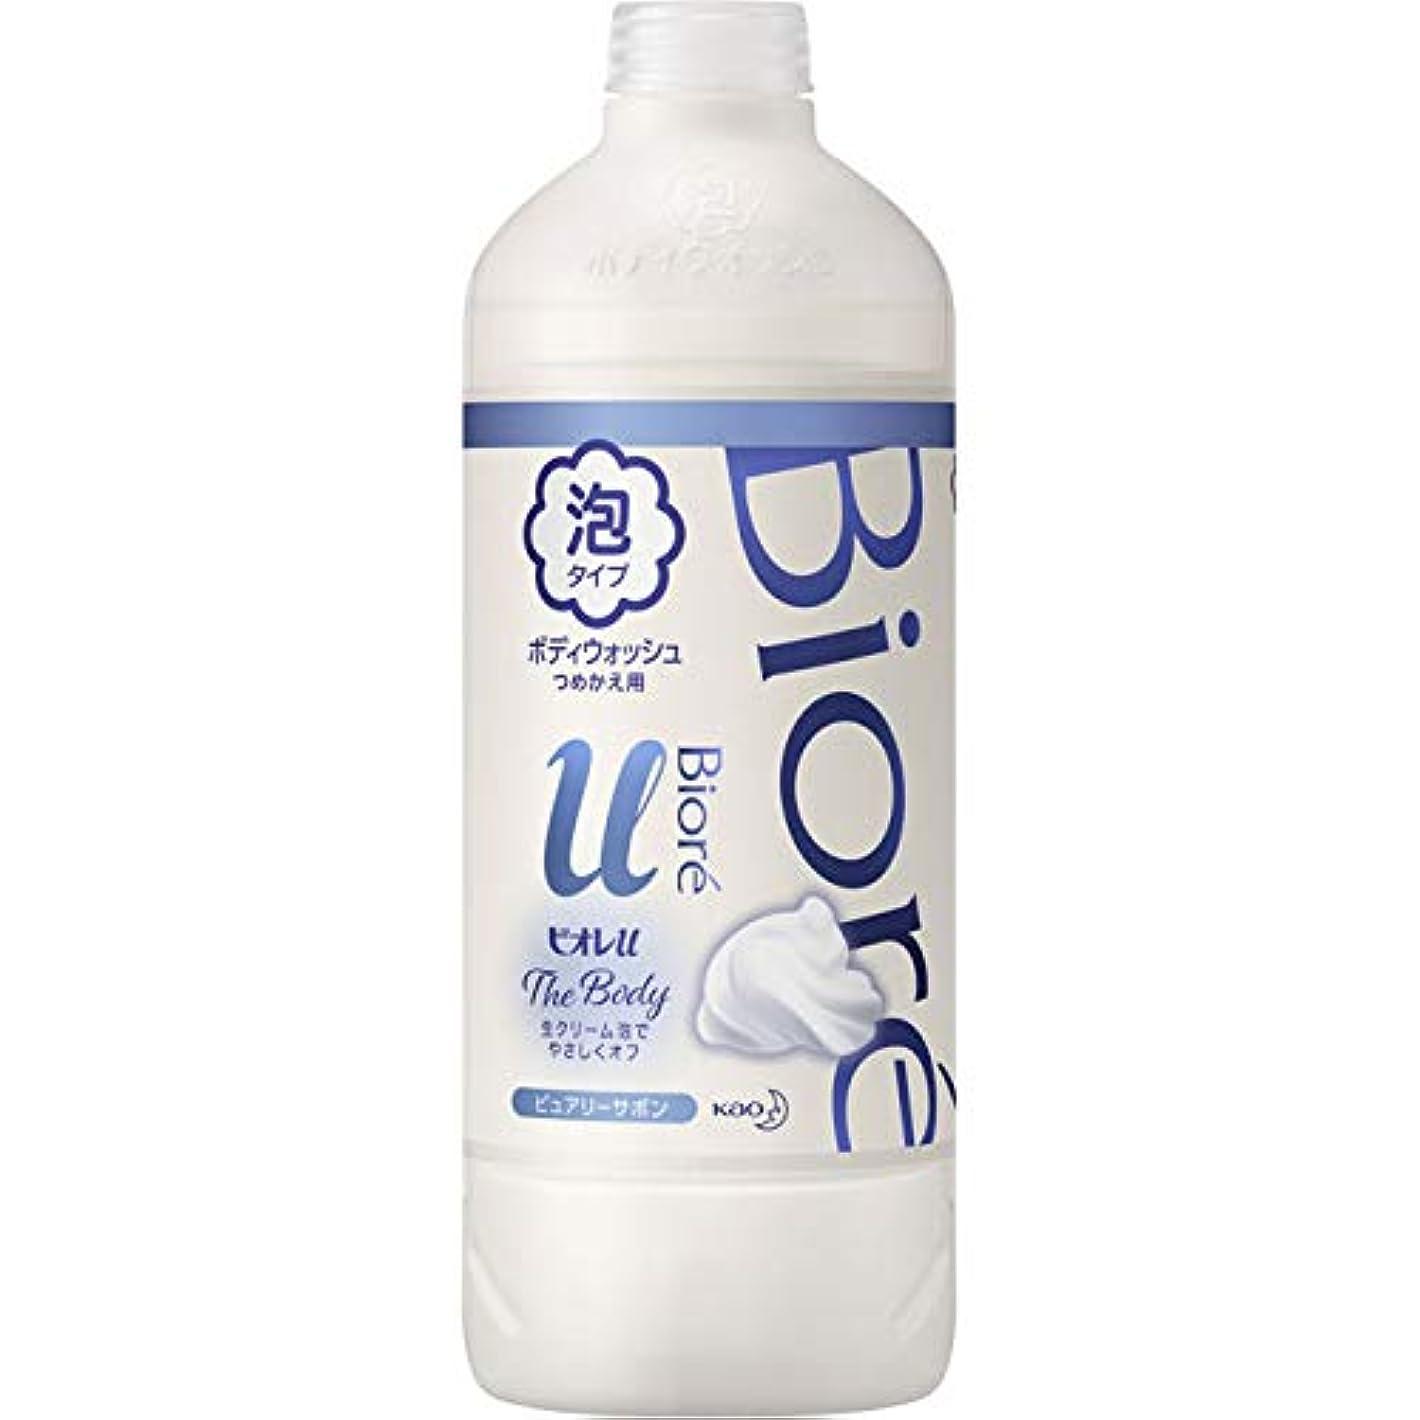 冷ややかな工業用圧縮された花王 ビオレu ザ ボディ泡ピュアリーサボンの香り 詰替え用 450ml